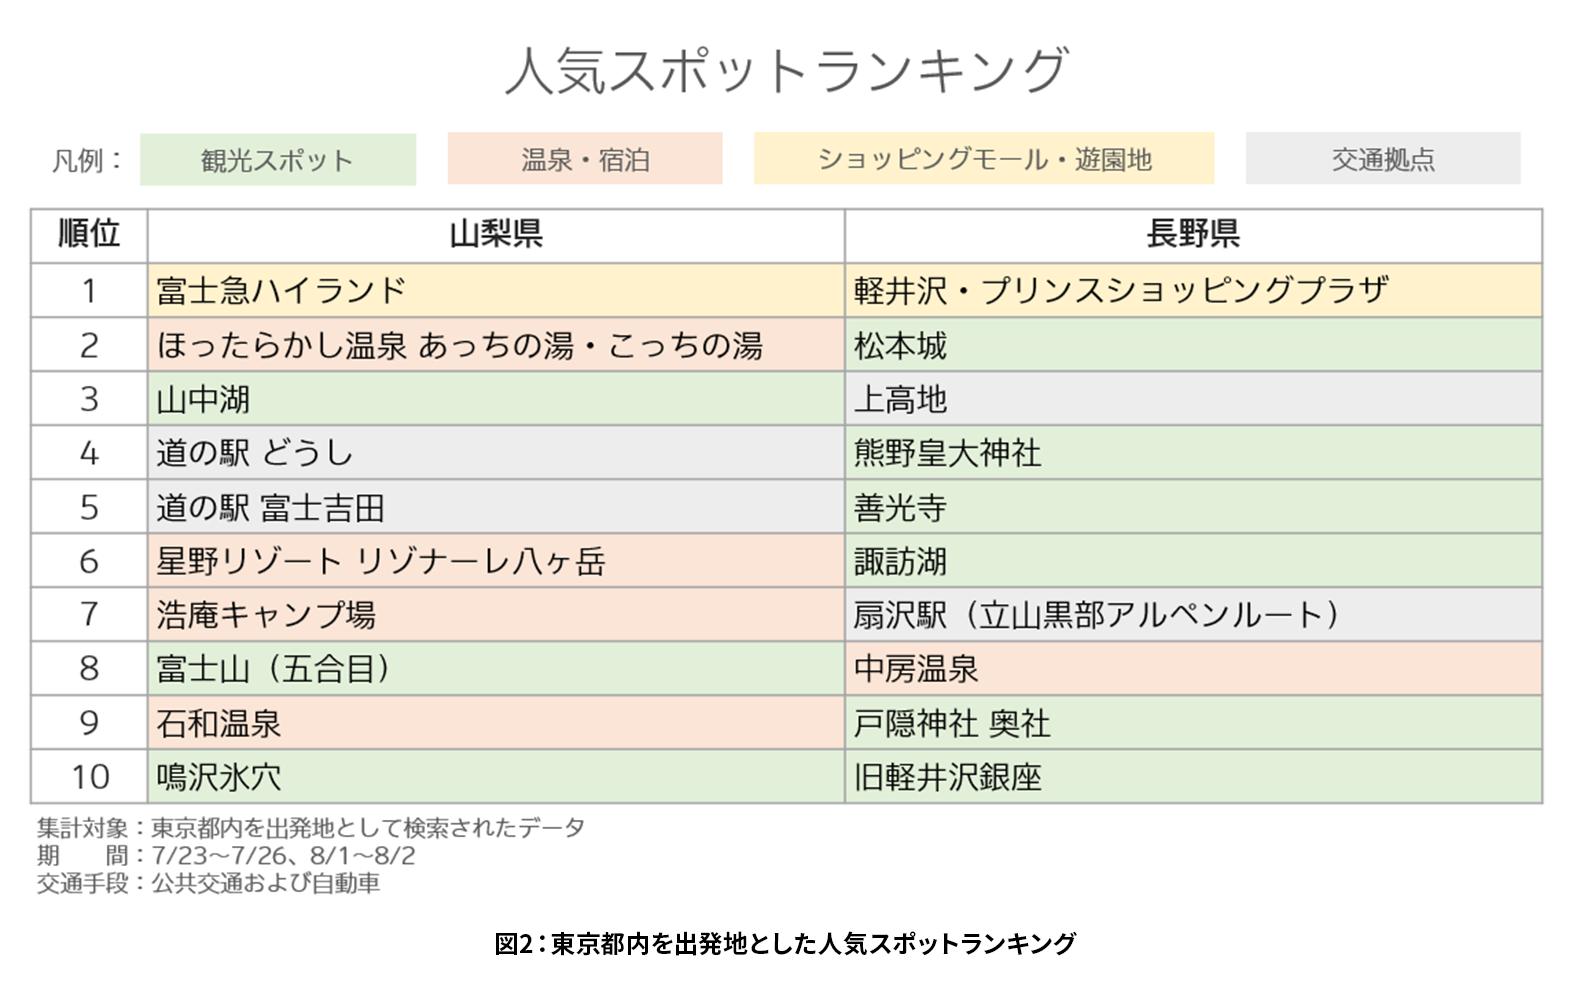 図2:東京都内を出発地とした人気スポットランキング.png